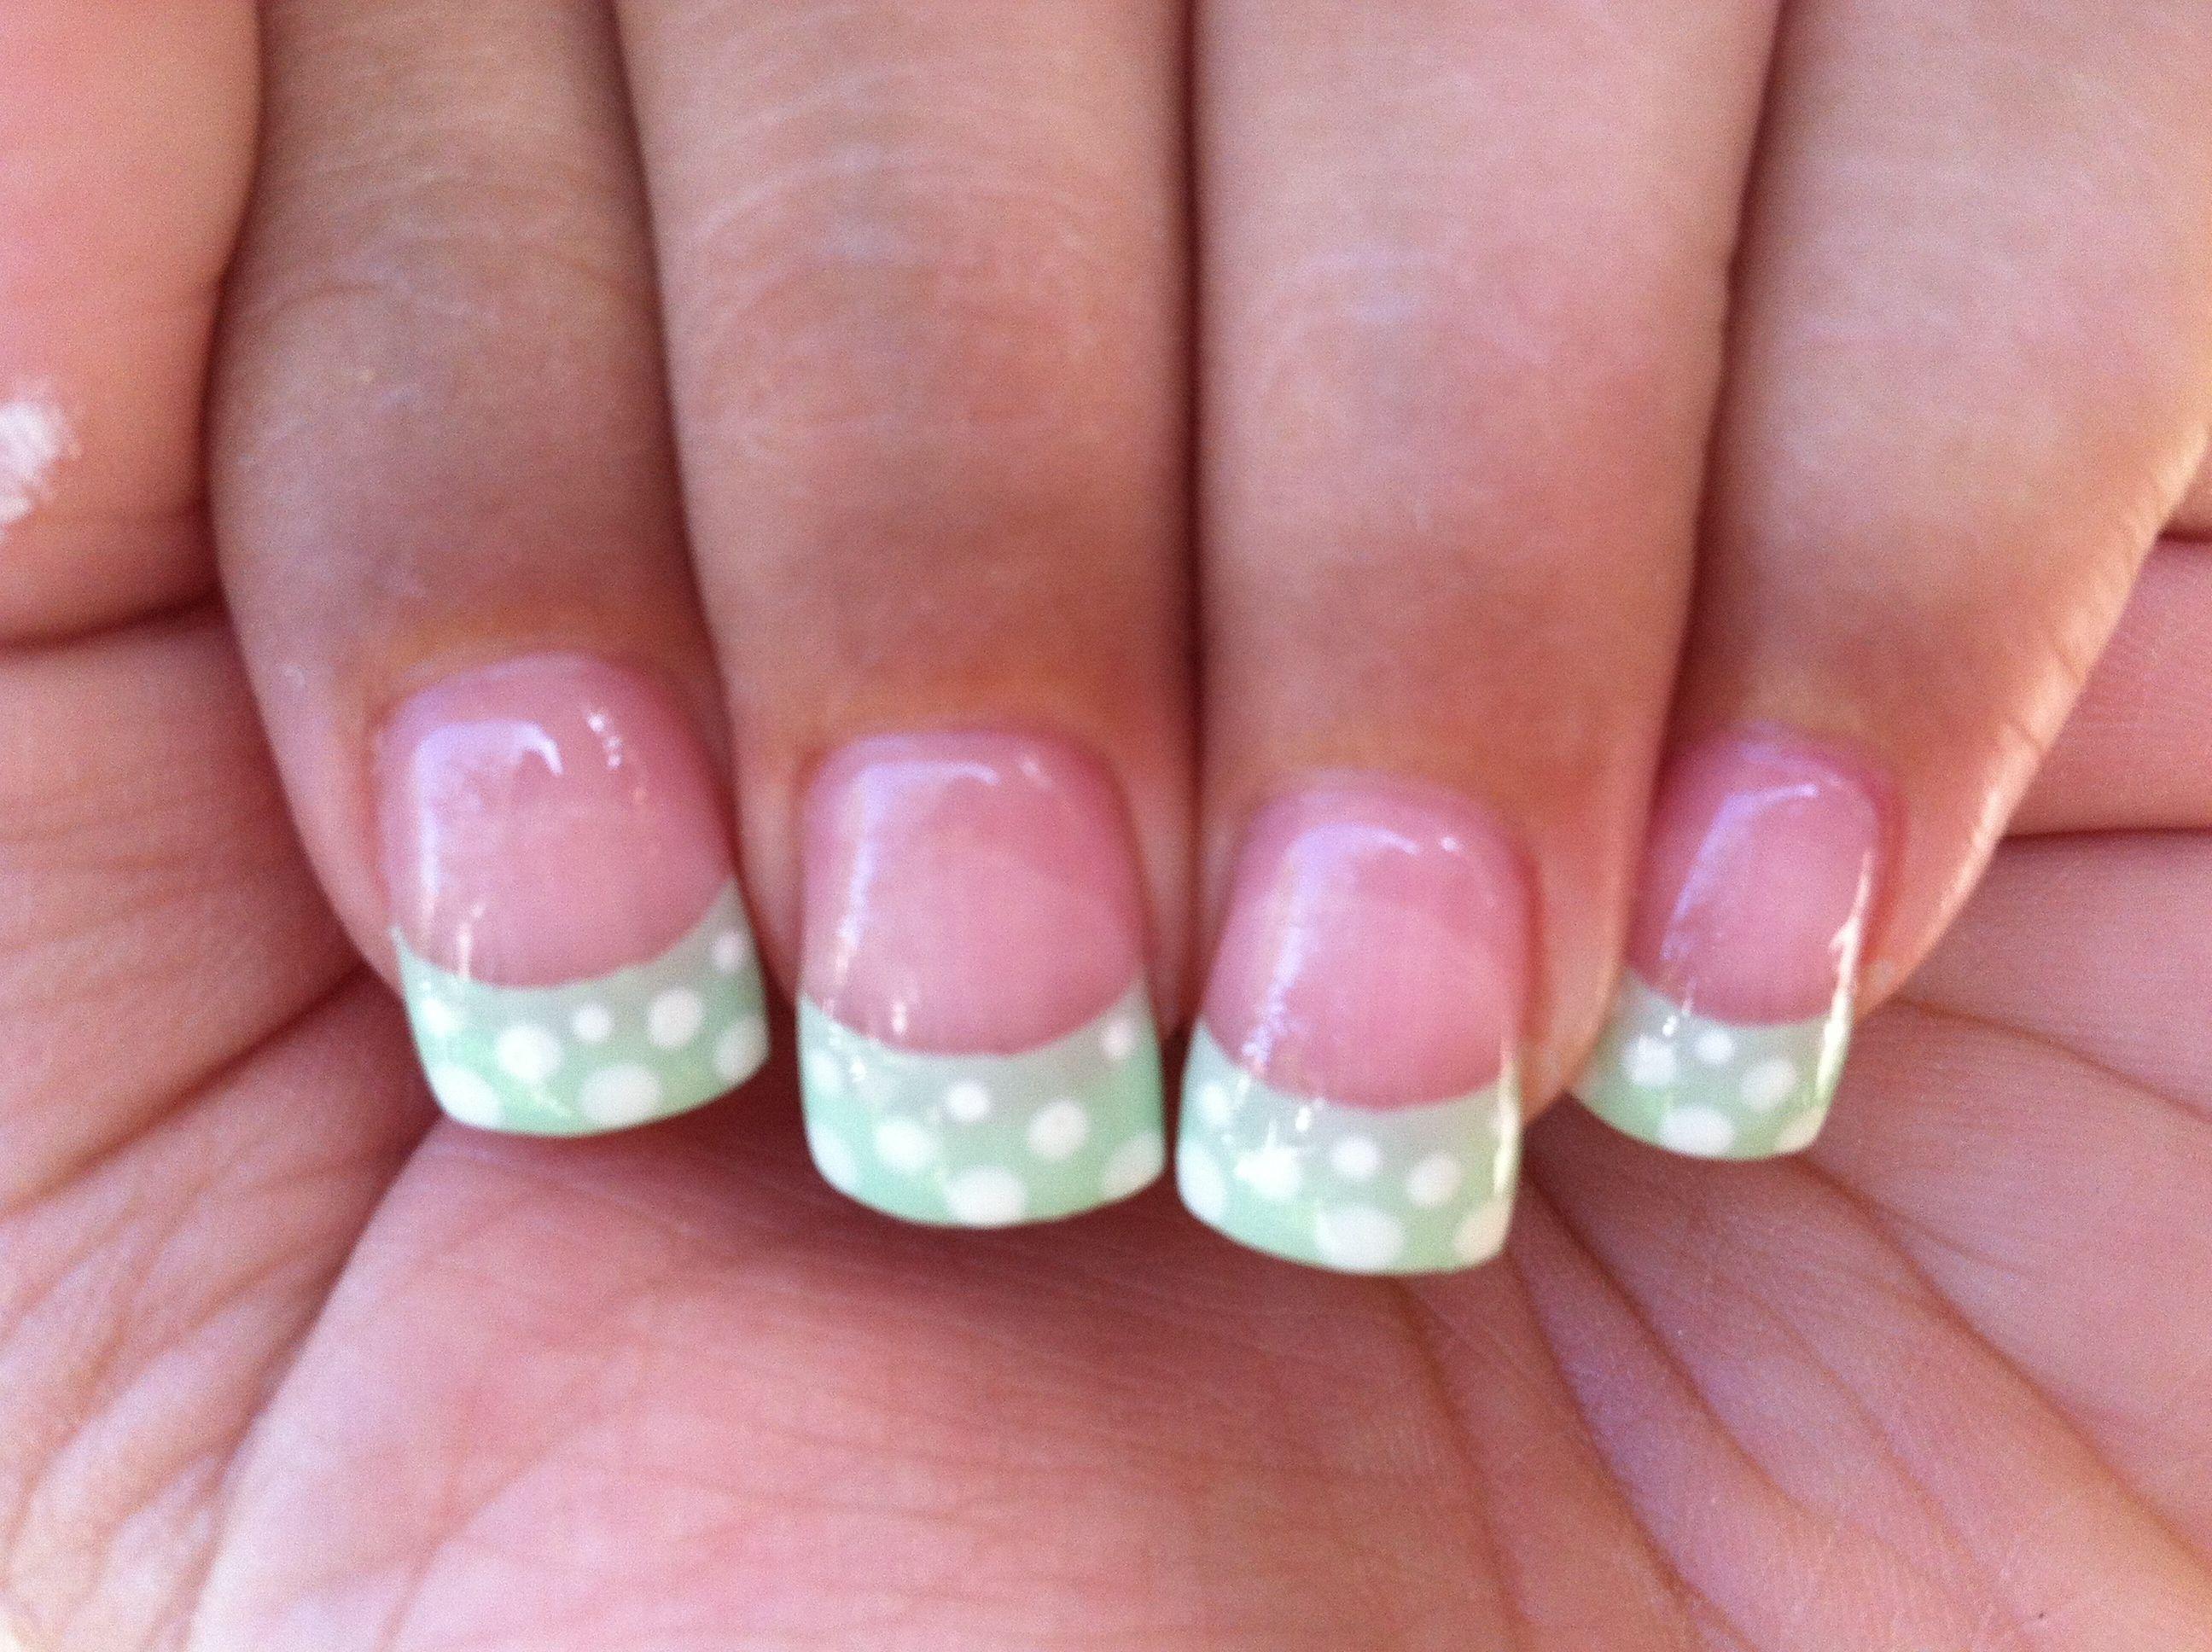 Cute summer french tip design   Nails   Pinterest   Nail nail and Makeup